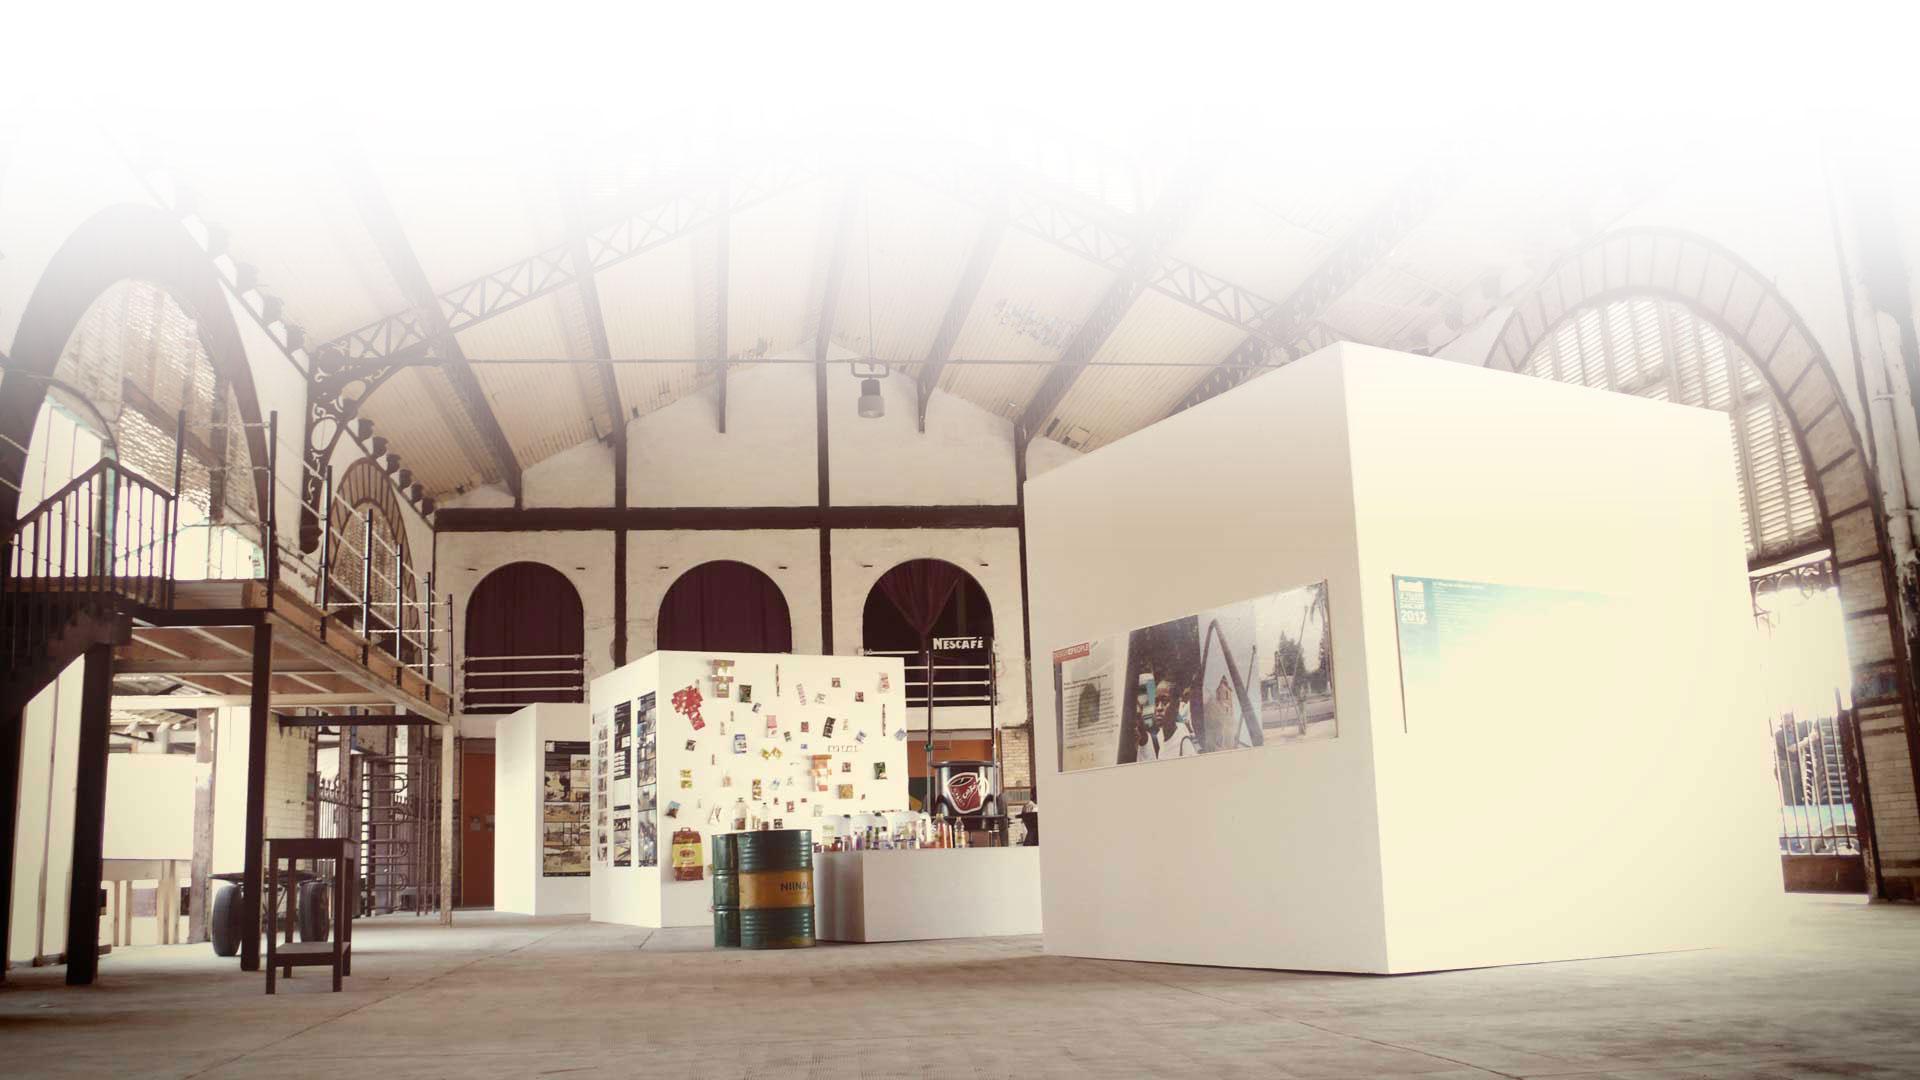 Dak'art 2012